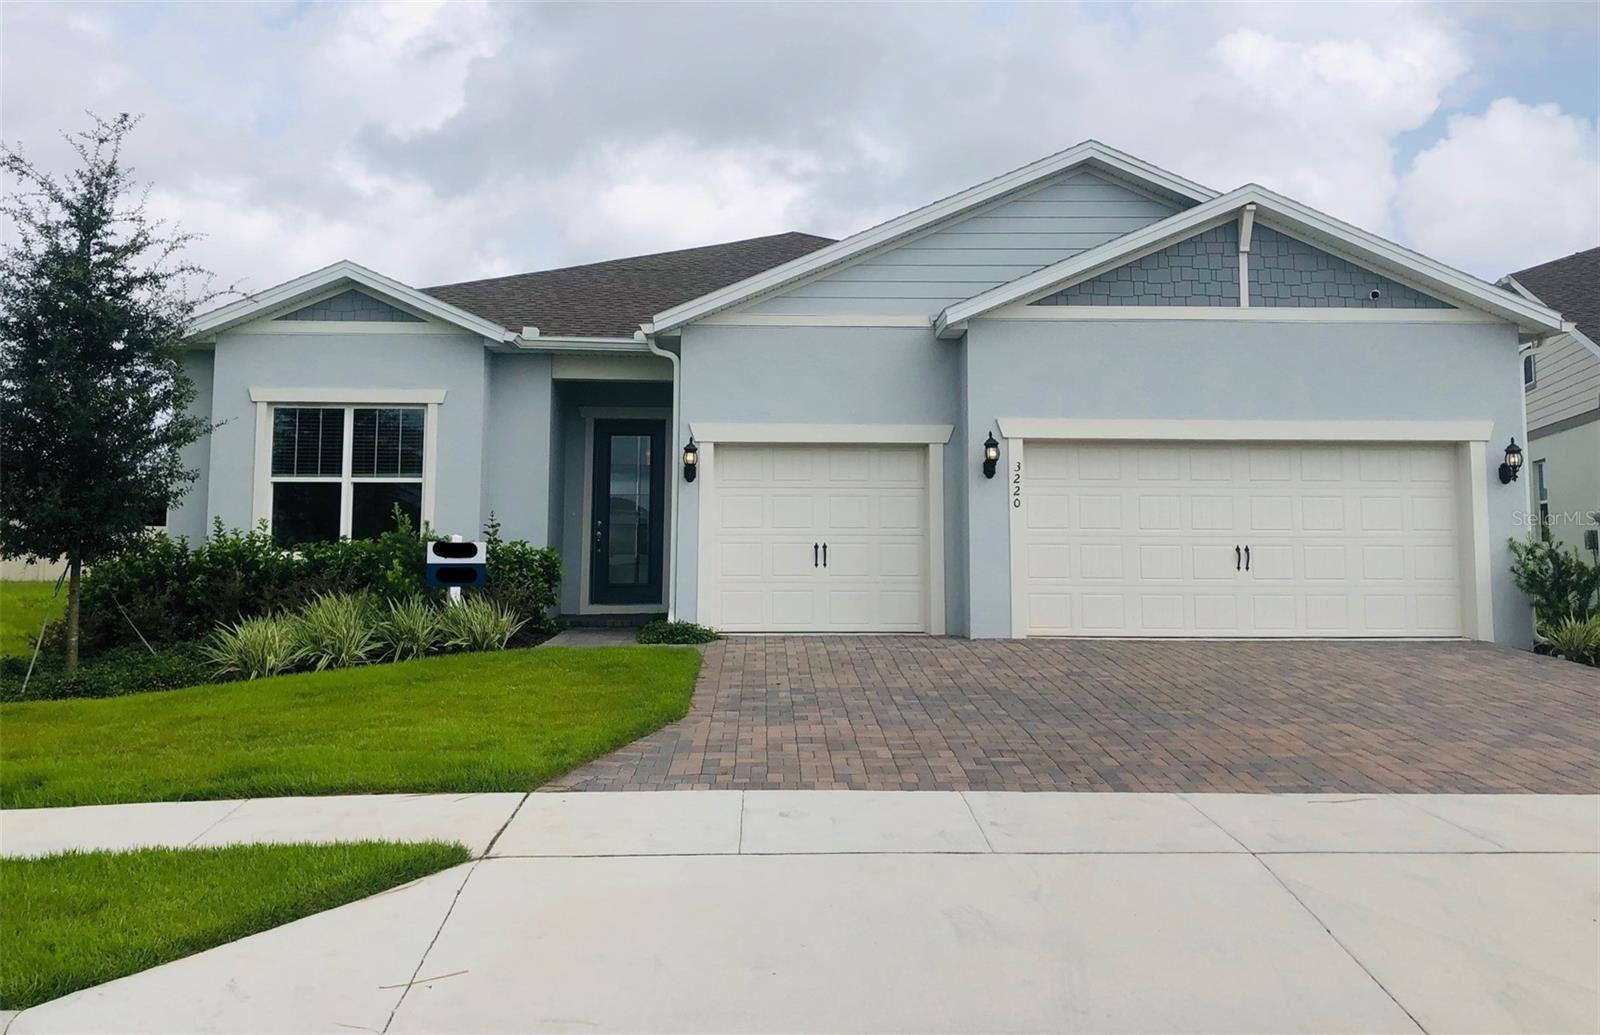 3220 SAILING PIER AVENUE, Winter Garden, FL 34787 - #: O5966600